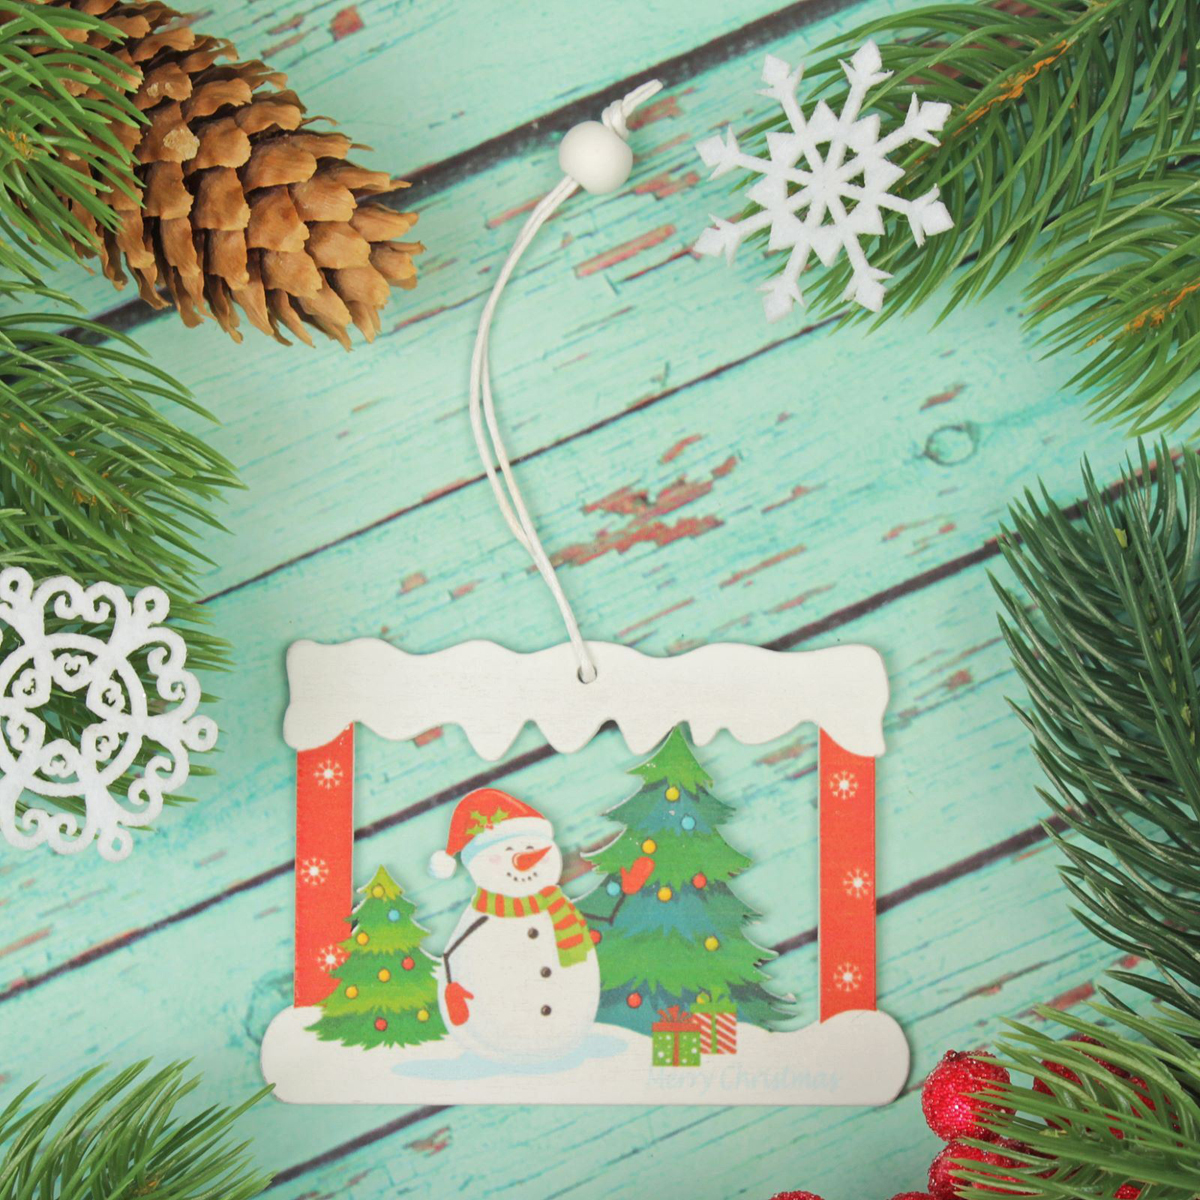 Подвеска новогодняя Снеговик в окошечке, 6 х 8 см2303450Новогодняя подвеска Снеговик в окошечке выполнена из дерева в виде снеговика в окошке. Подвеску можно повесить на елку благодаря специальному текстильному шнурку. Невозможно представить нашу жизнь без праздников! Мы всегда ждем их и предвкушаем, обдумываем, как проведем памятный день, тщательно выбираем подарки и аксессуары, ведь именно они создают и поддерживают торжественный настрой. Это отличный выбор, который привнесет атмосферу праздника в ваш дом!